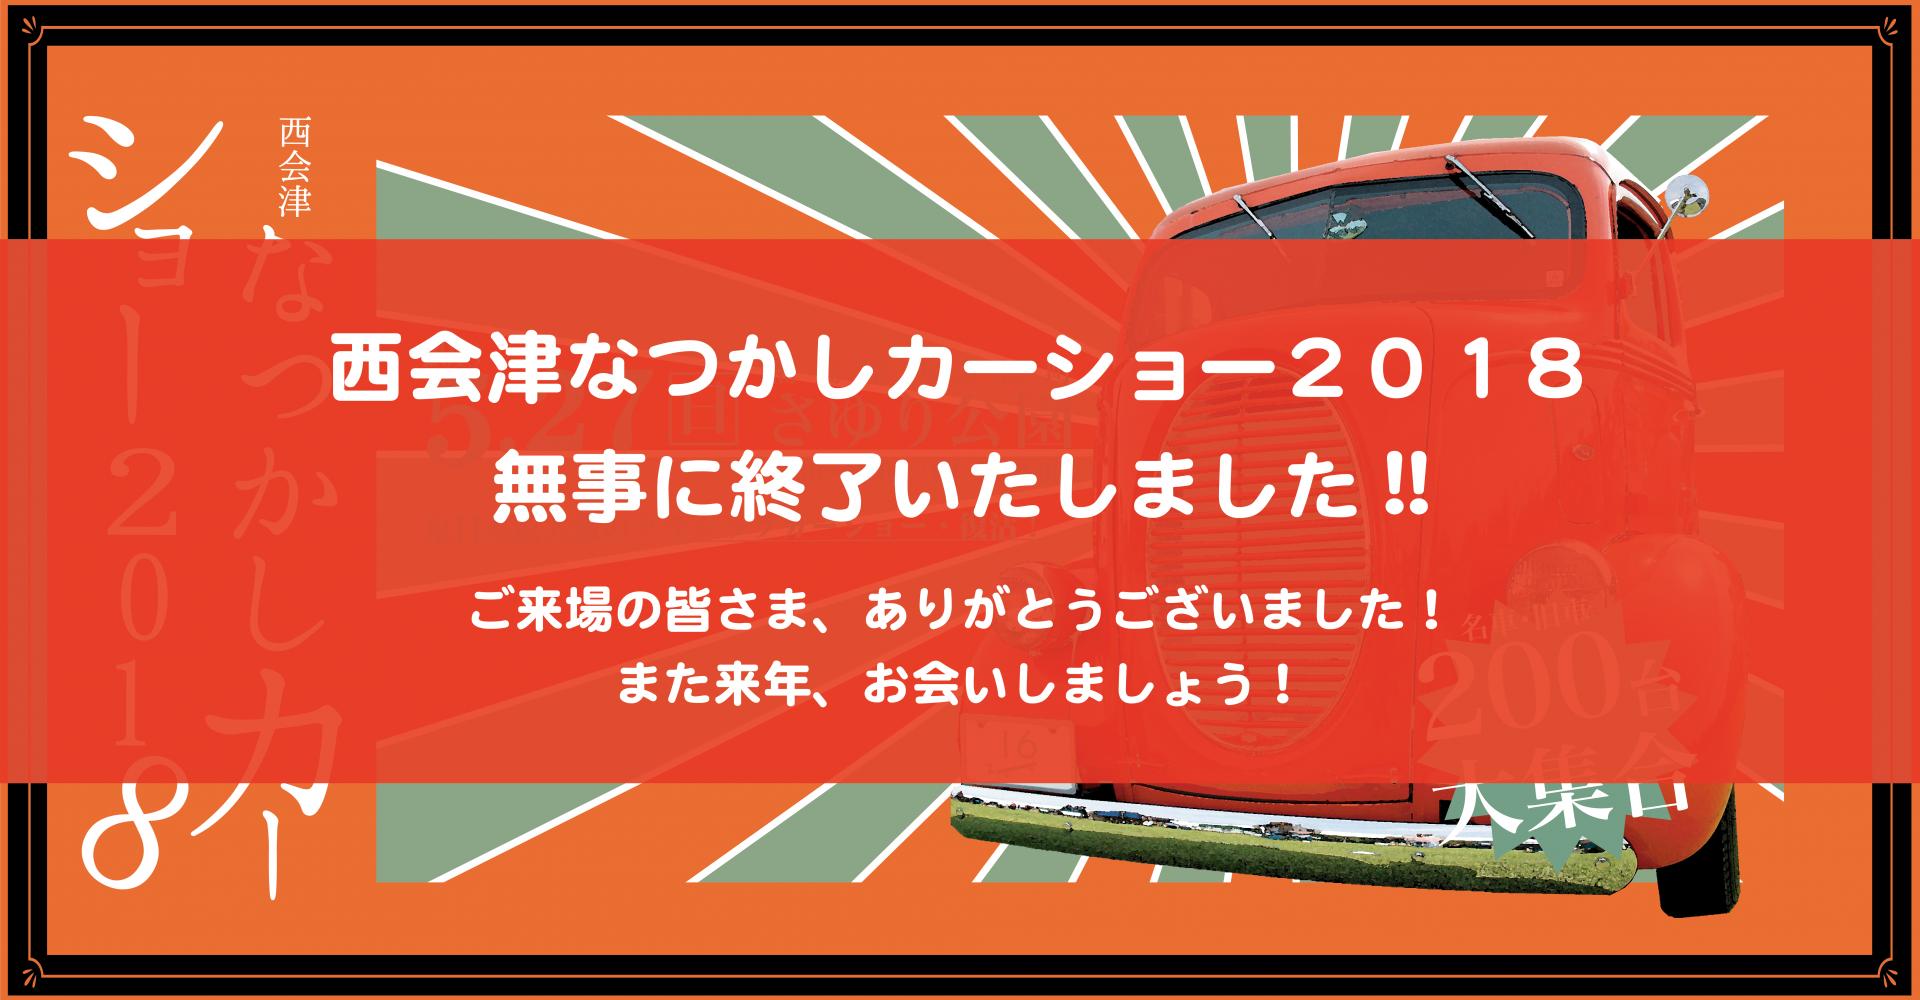 natsukashi_hp_yhanks-02